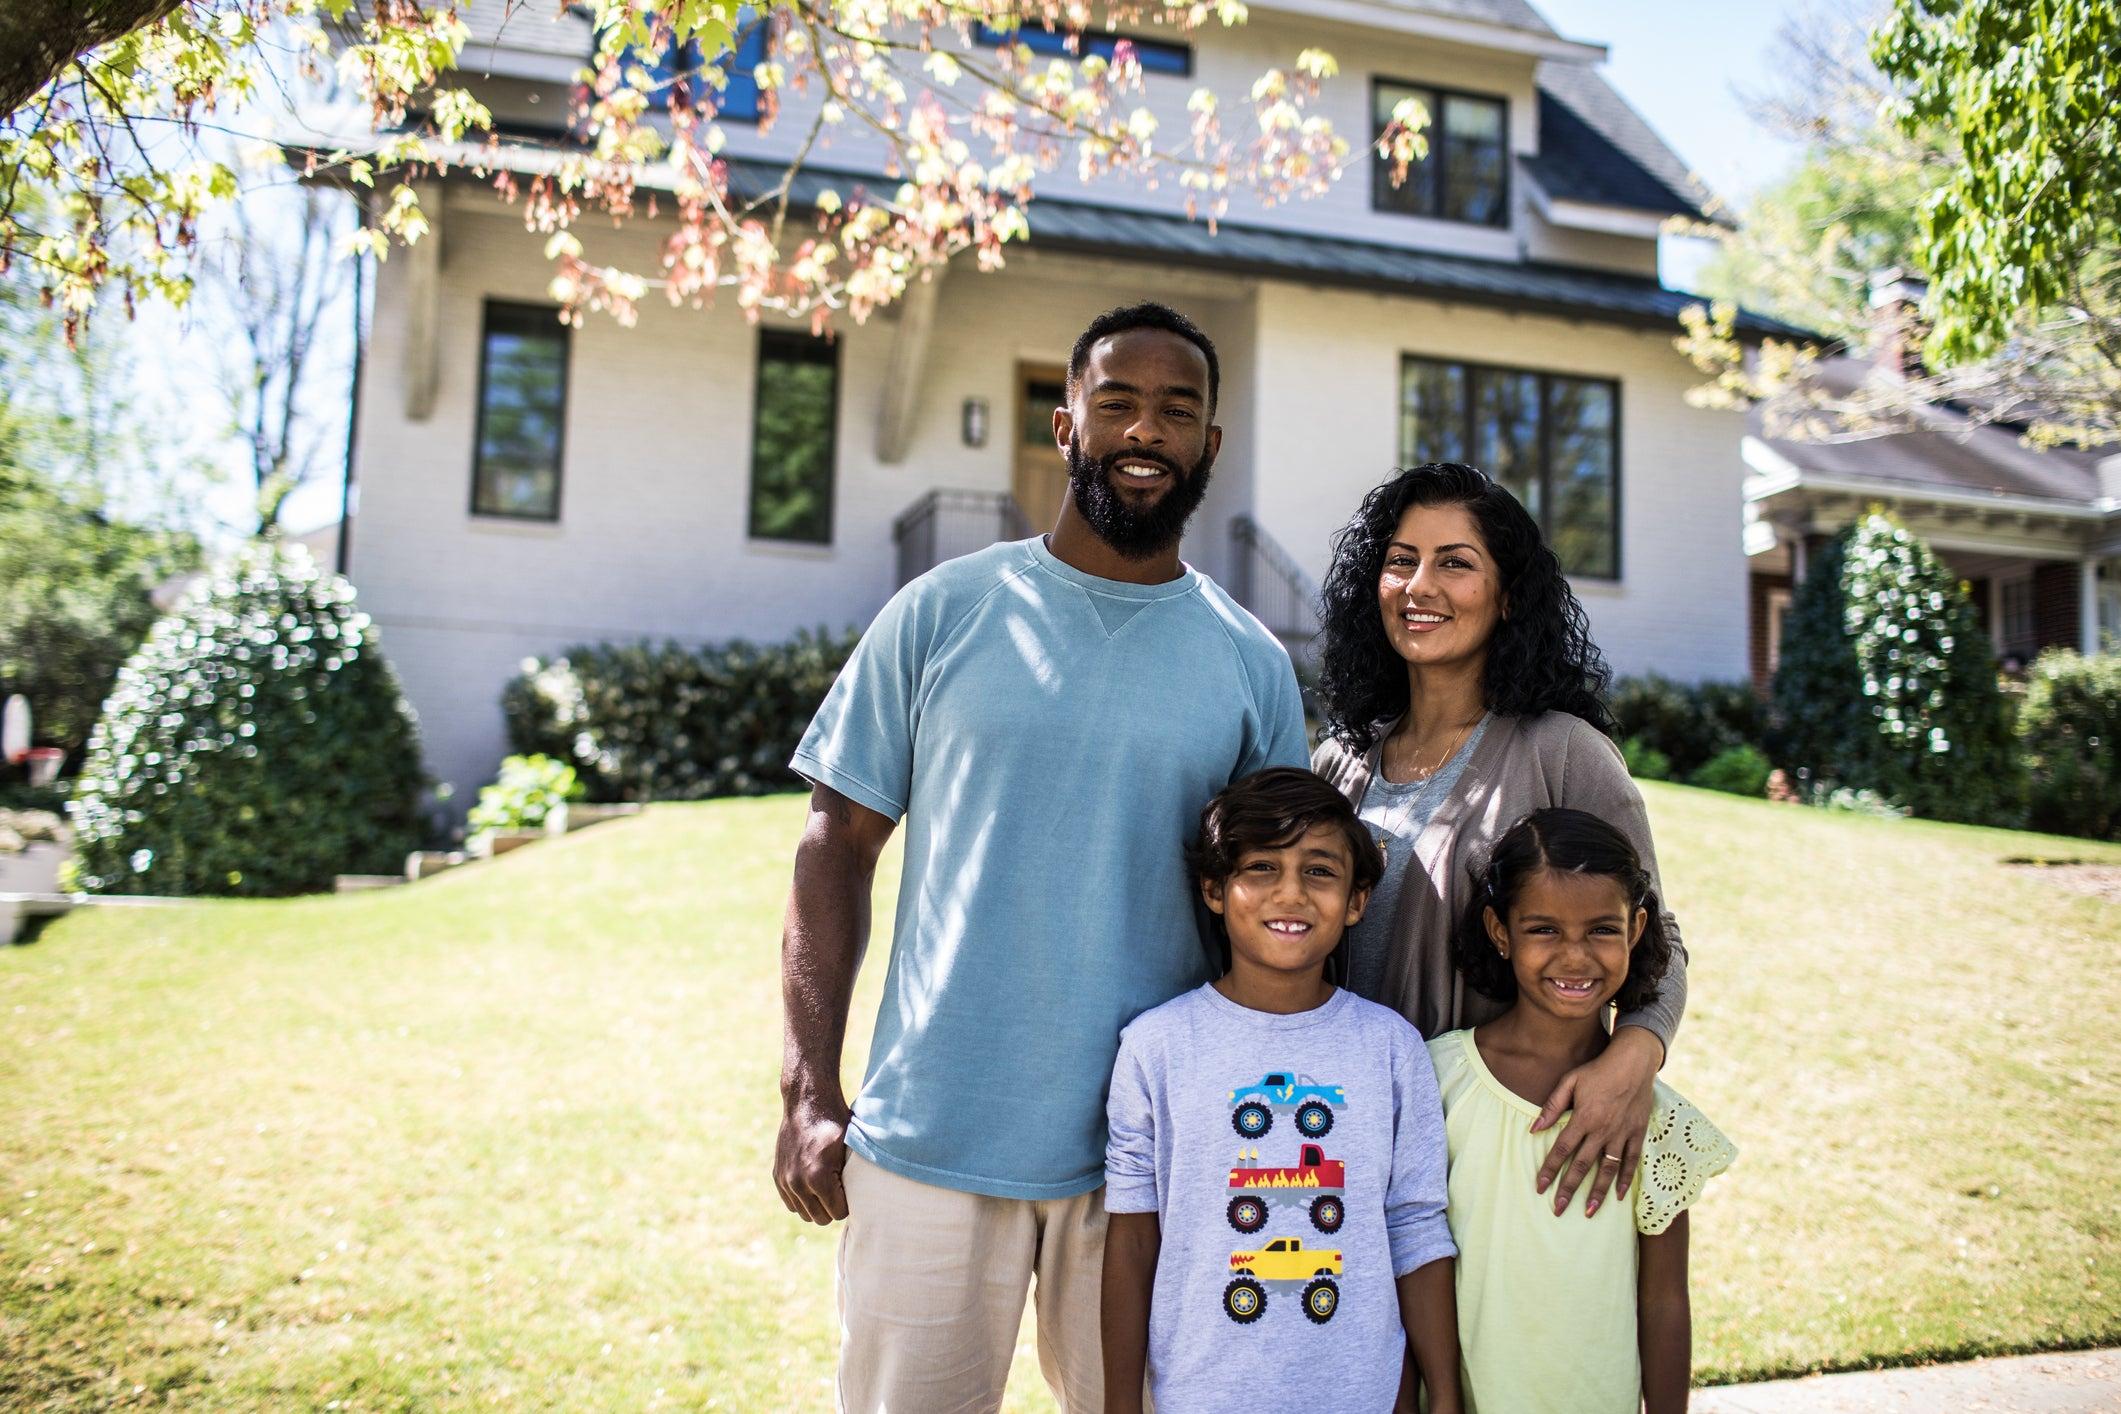 Revisión de American Family Insurance: automóvil, hogar y vida - Compañias de seguros